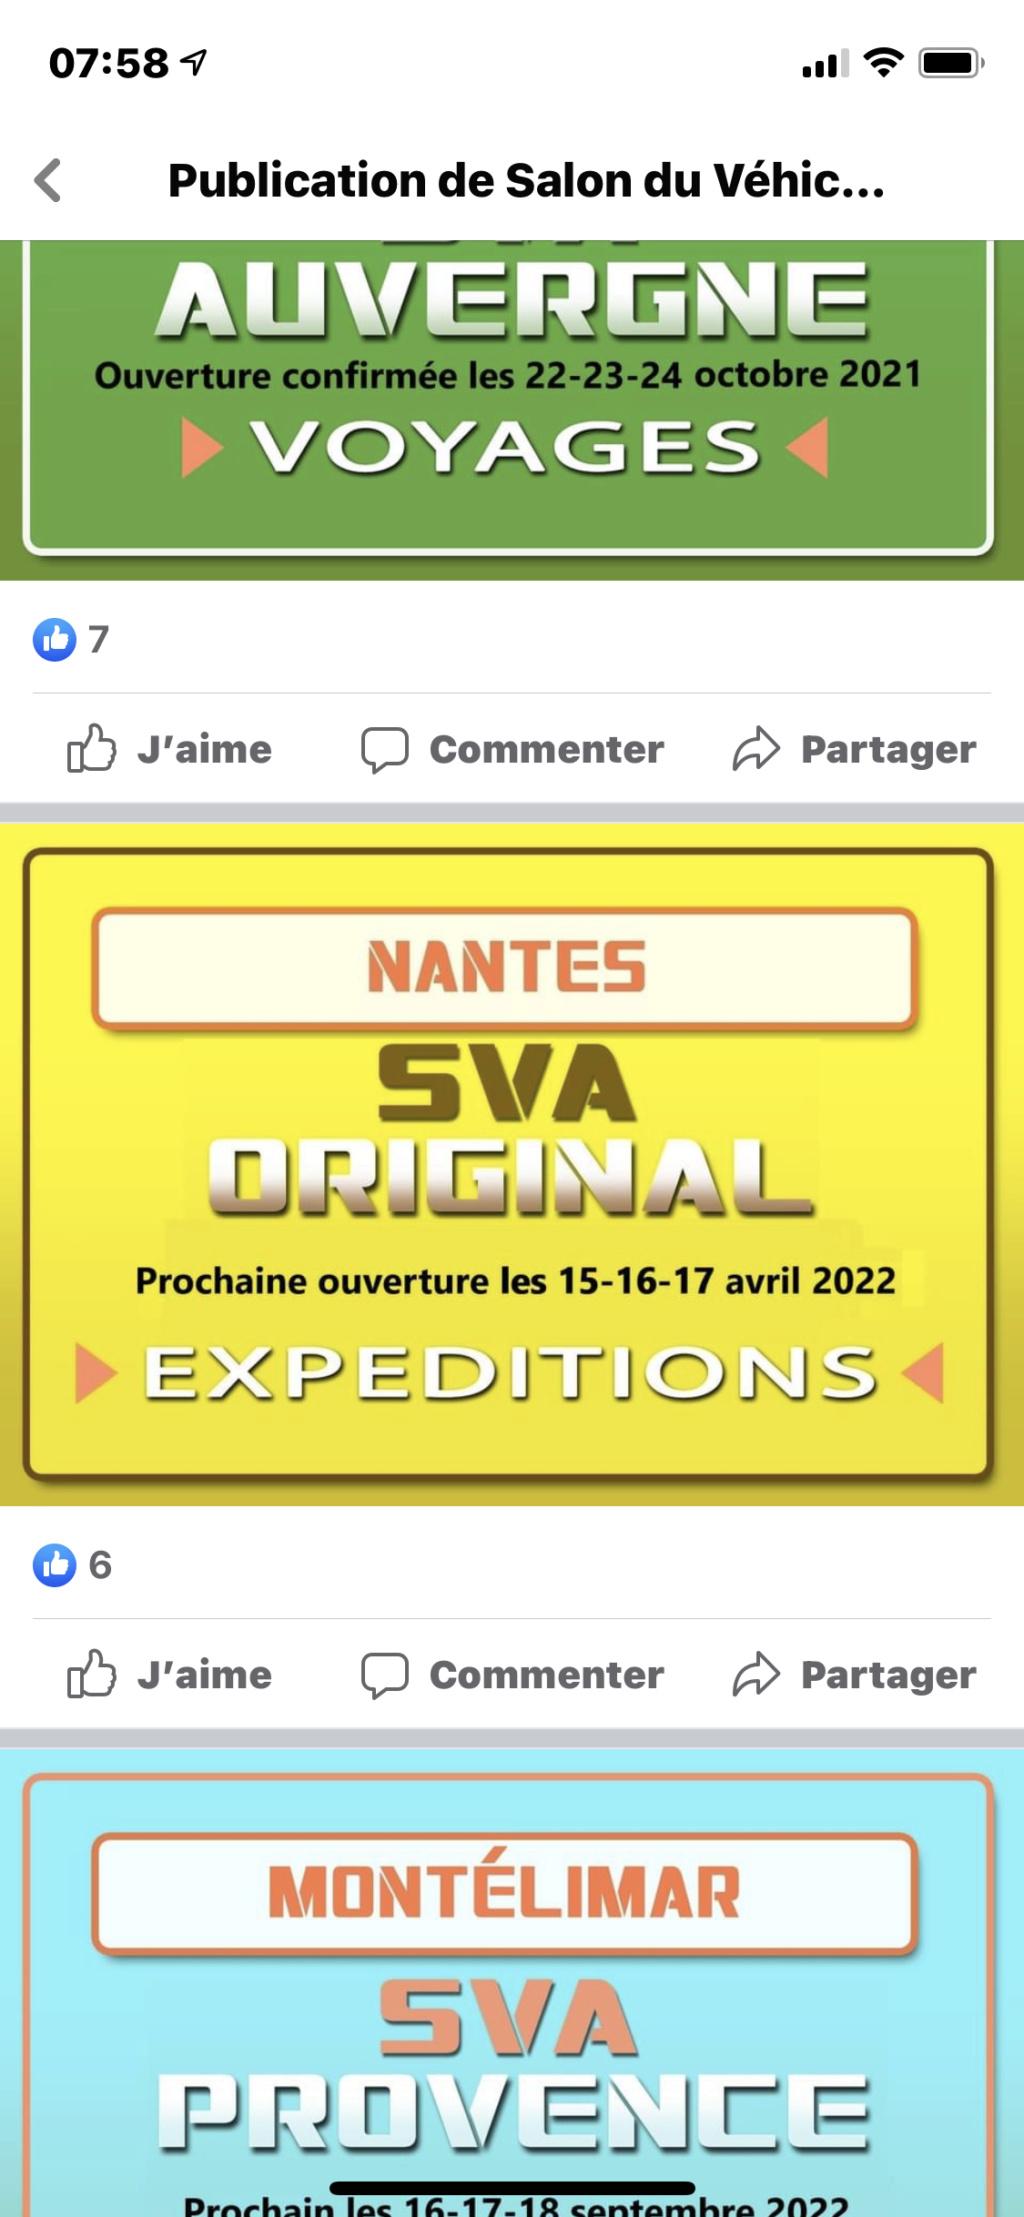 Salon du Véhicule d'Aventure SVA 2021 - Corcoué sur Logne (44) : du 11 au 13 juin - Page 15 95ebc910